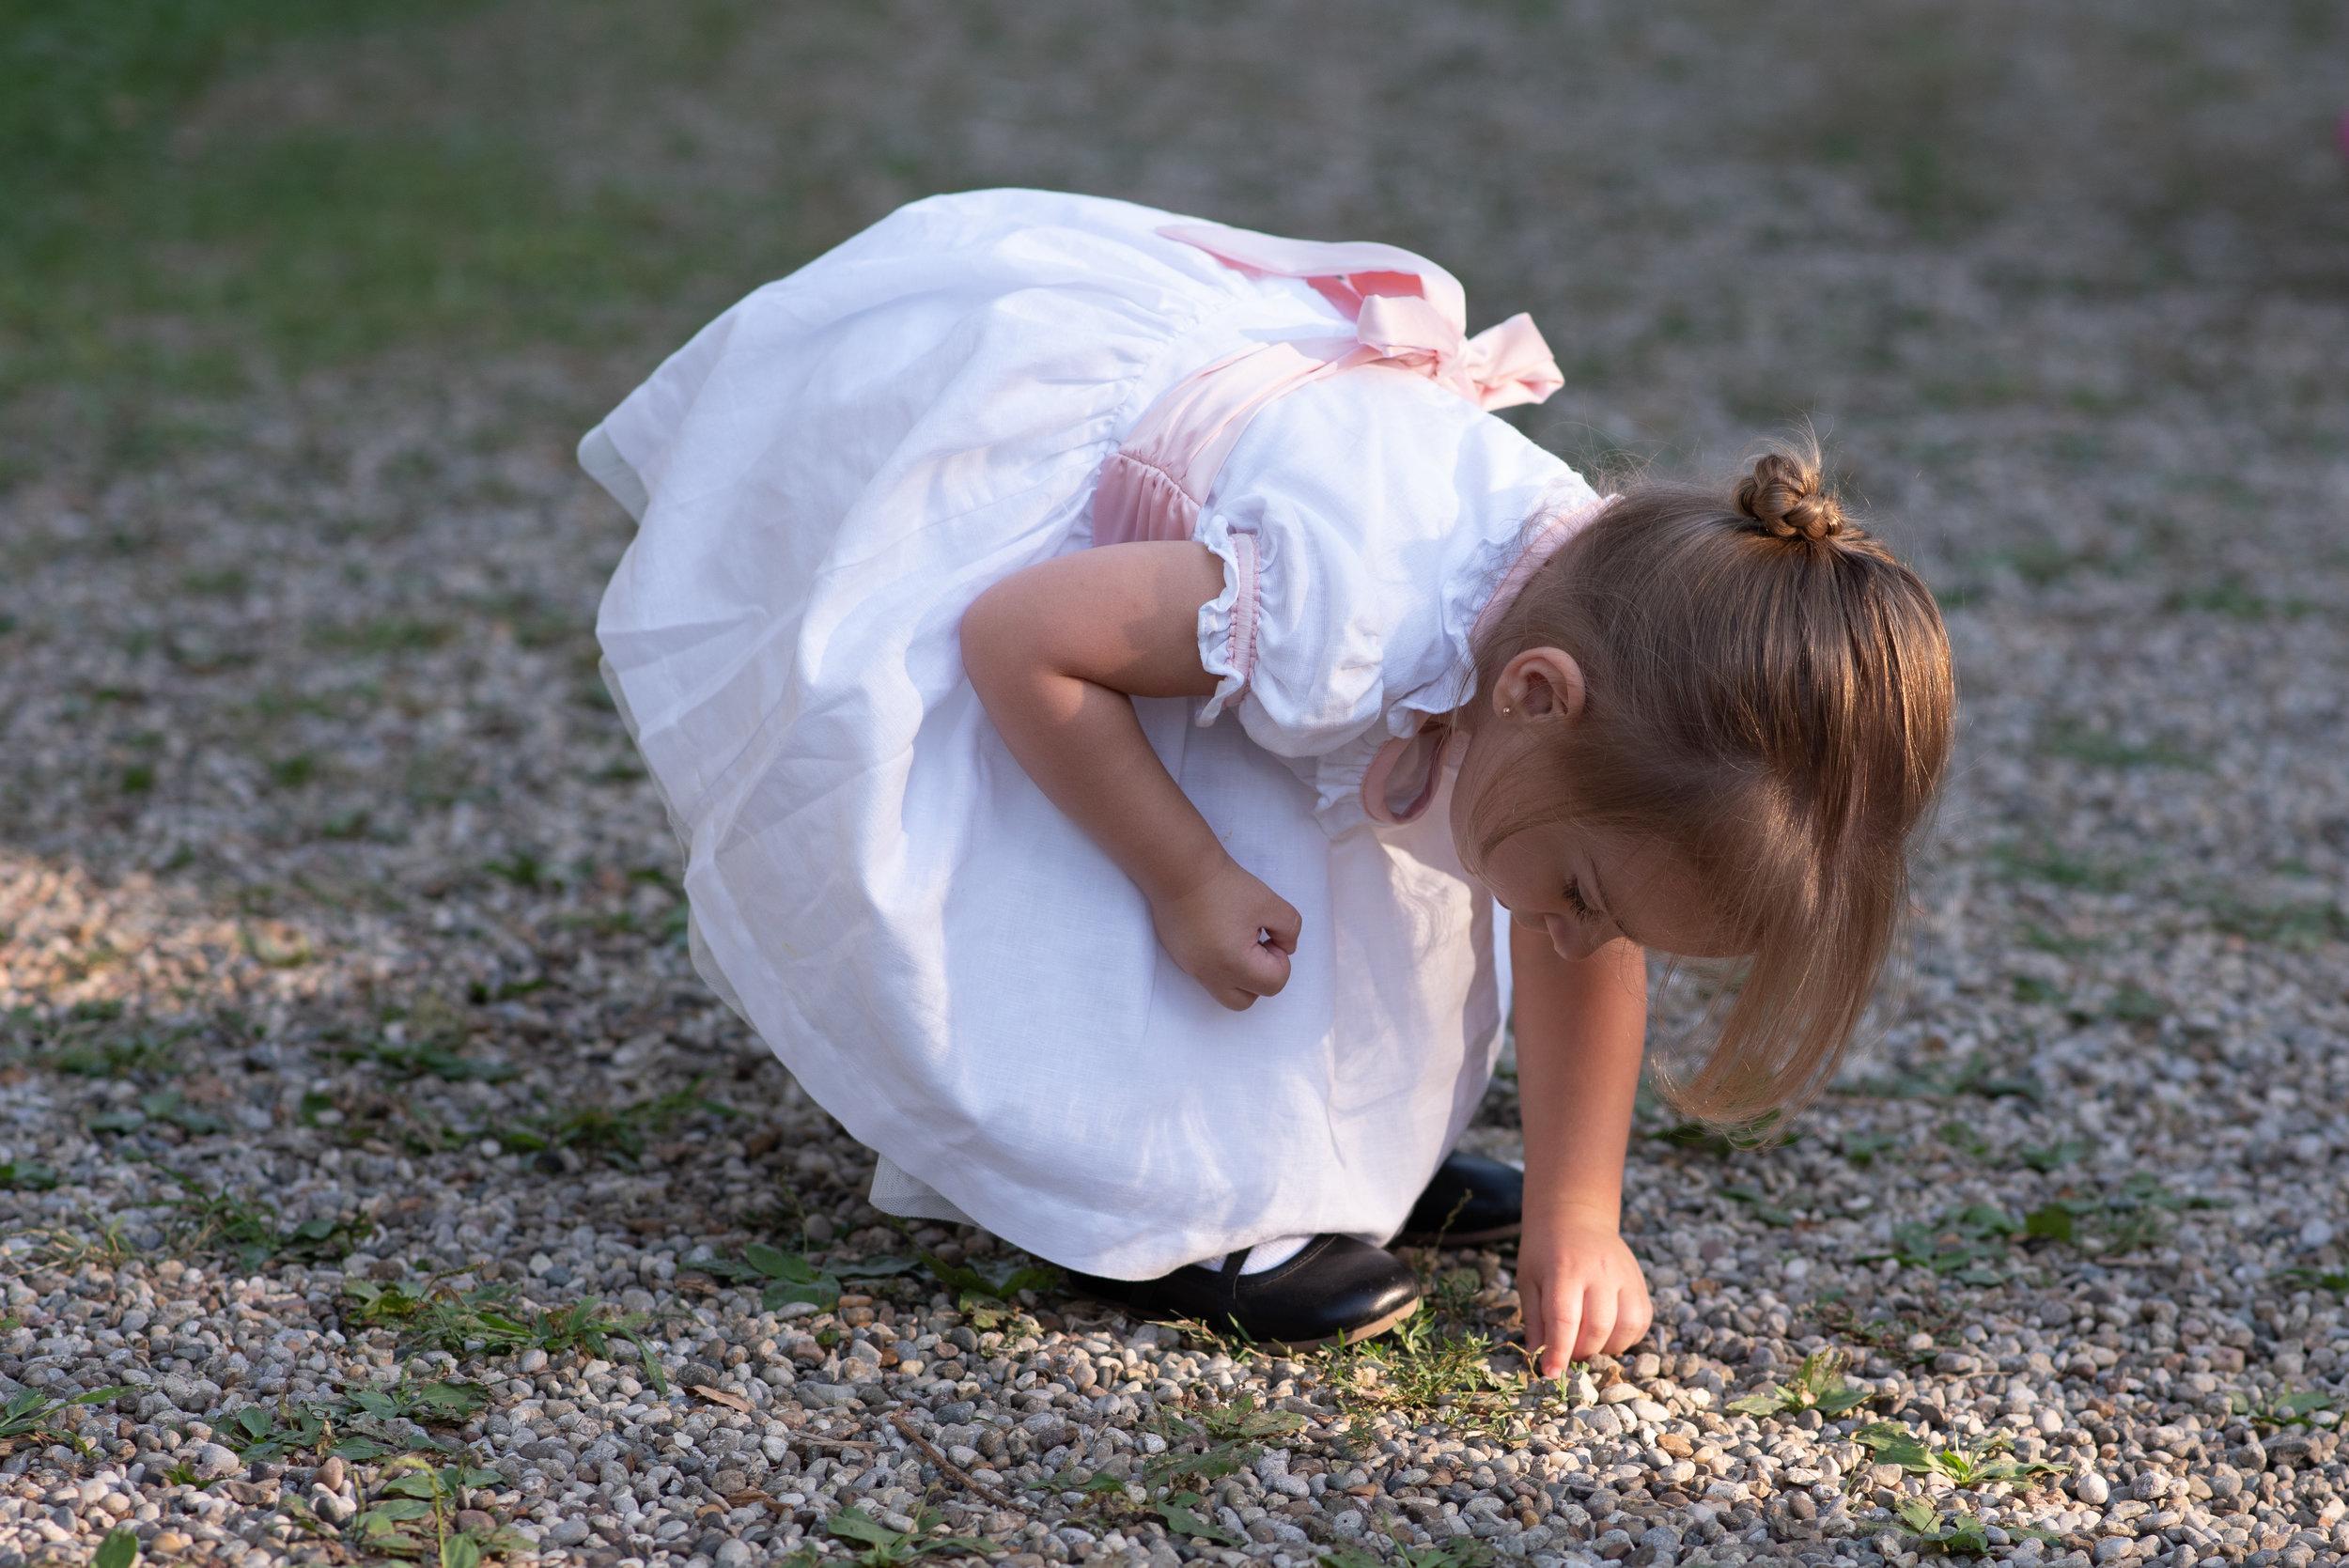 Regency child dress Jane Austen Festival Kentucky 2019